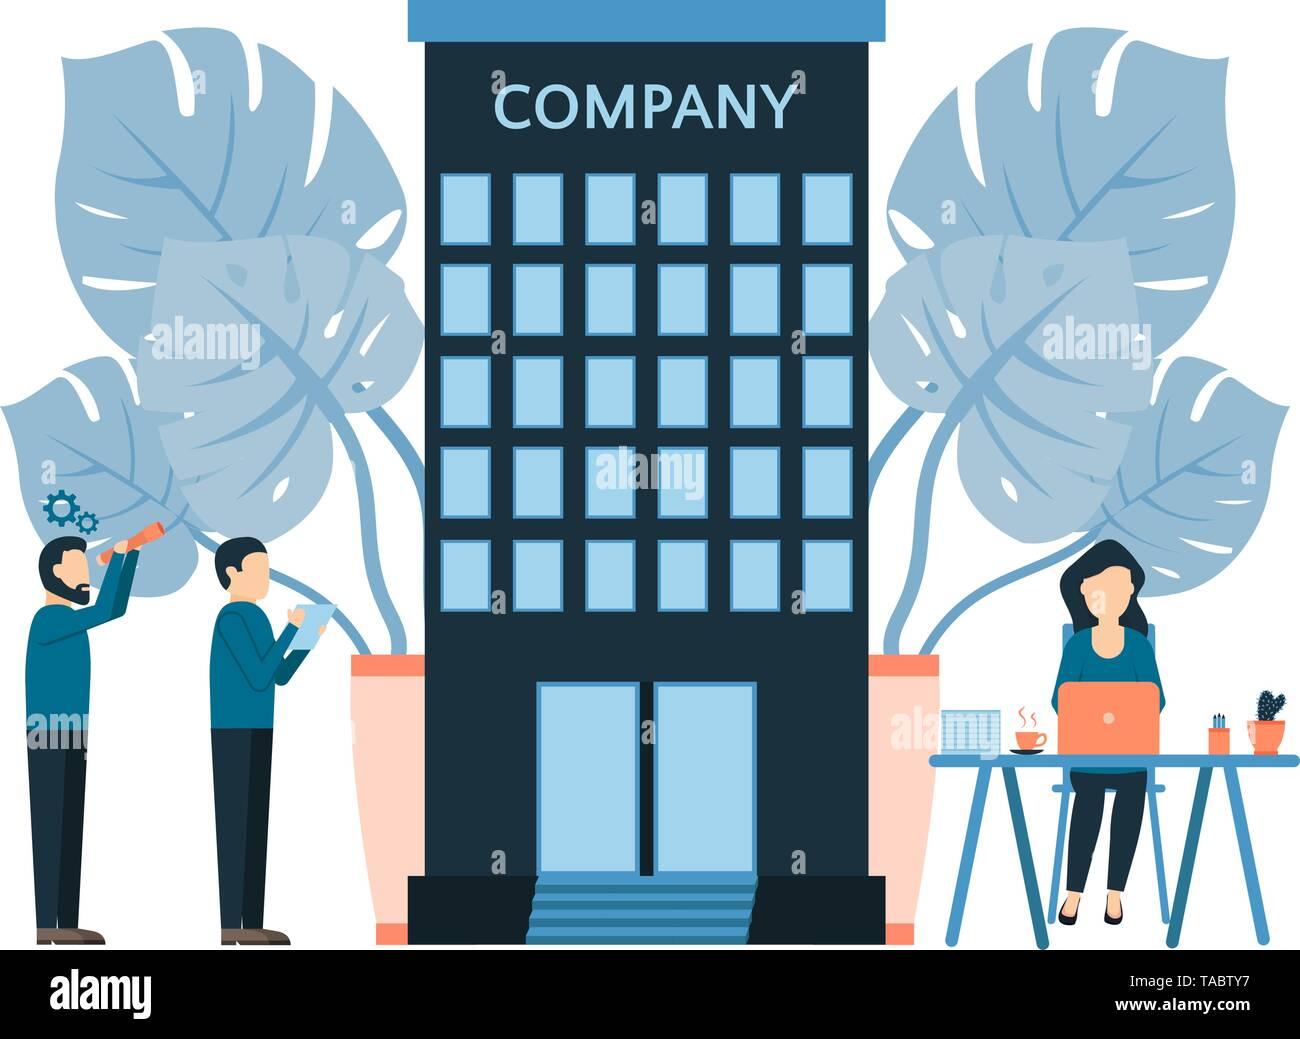 Unternehmen und Menschen bei der Arbeit, Wettbewerbsanalyse, mit monstera Blume Blätter eingerichtet, Büroarbeiter Mädchen und Männern, Business Process Vektor illustra Stockbild